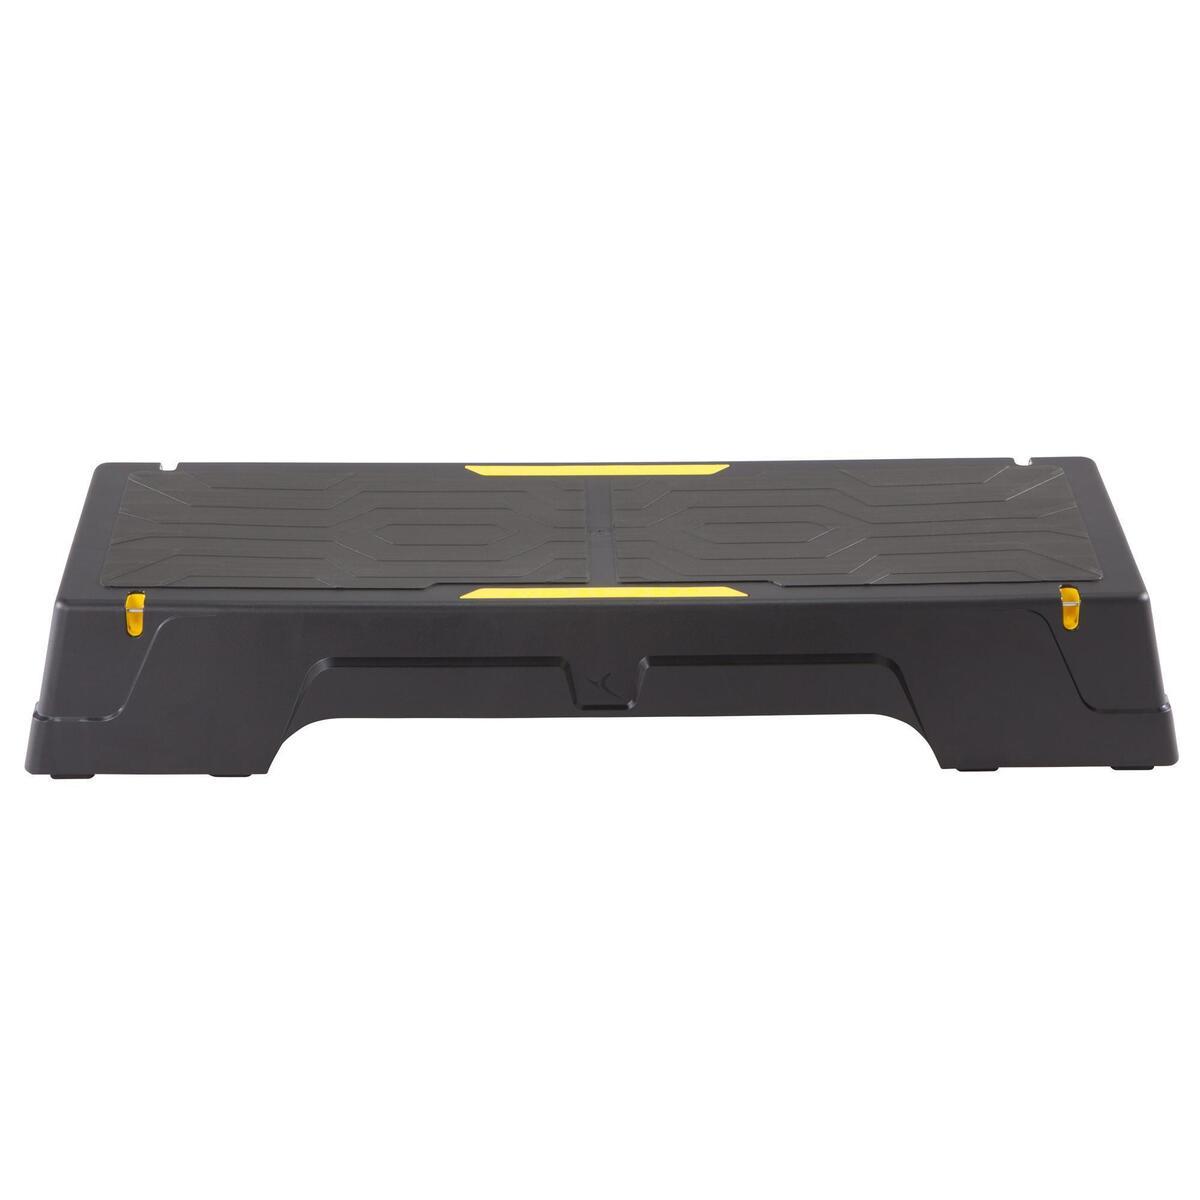 Bild 2 von Stepbank Komfort schwarz/gelb